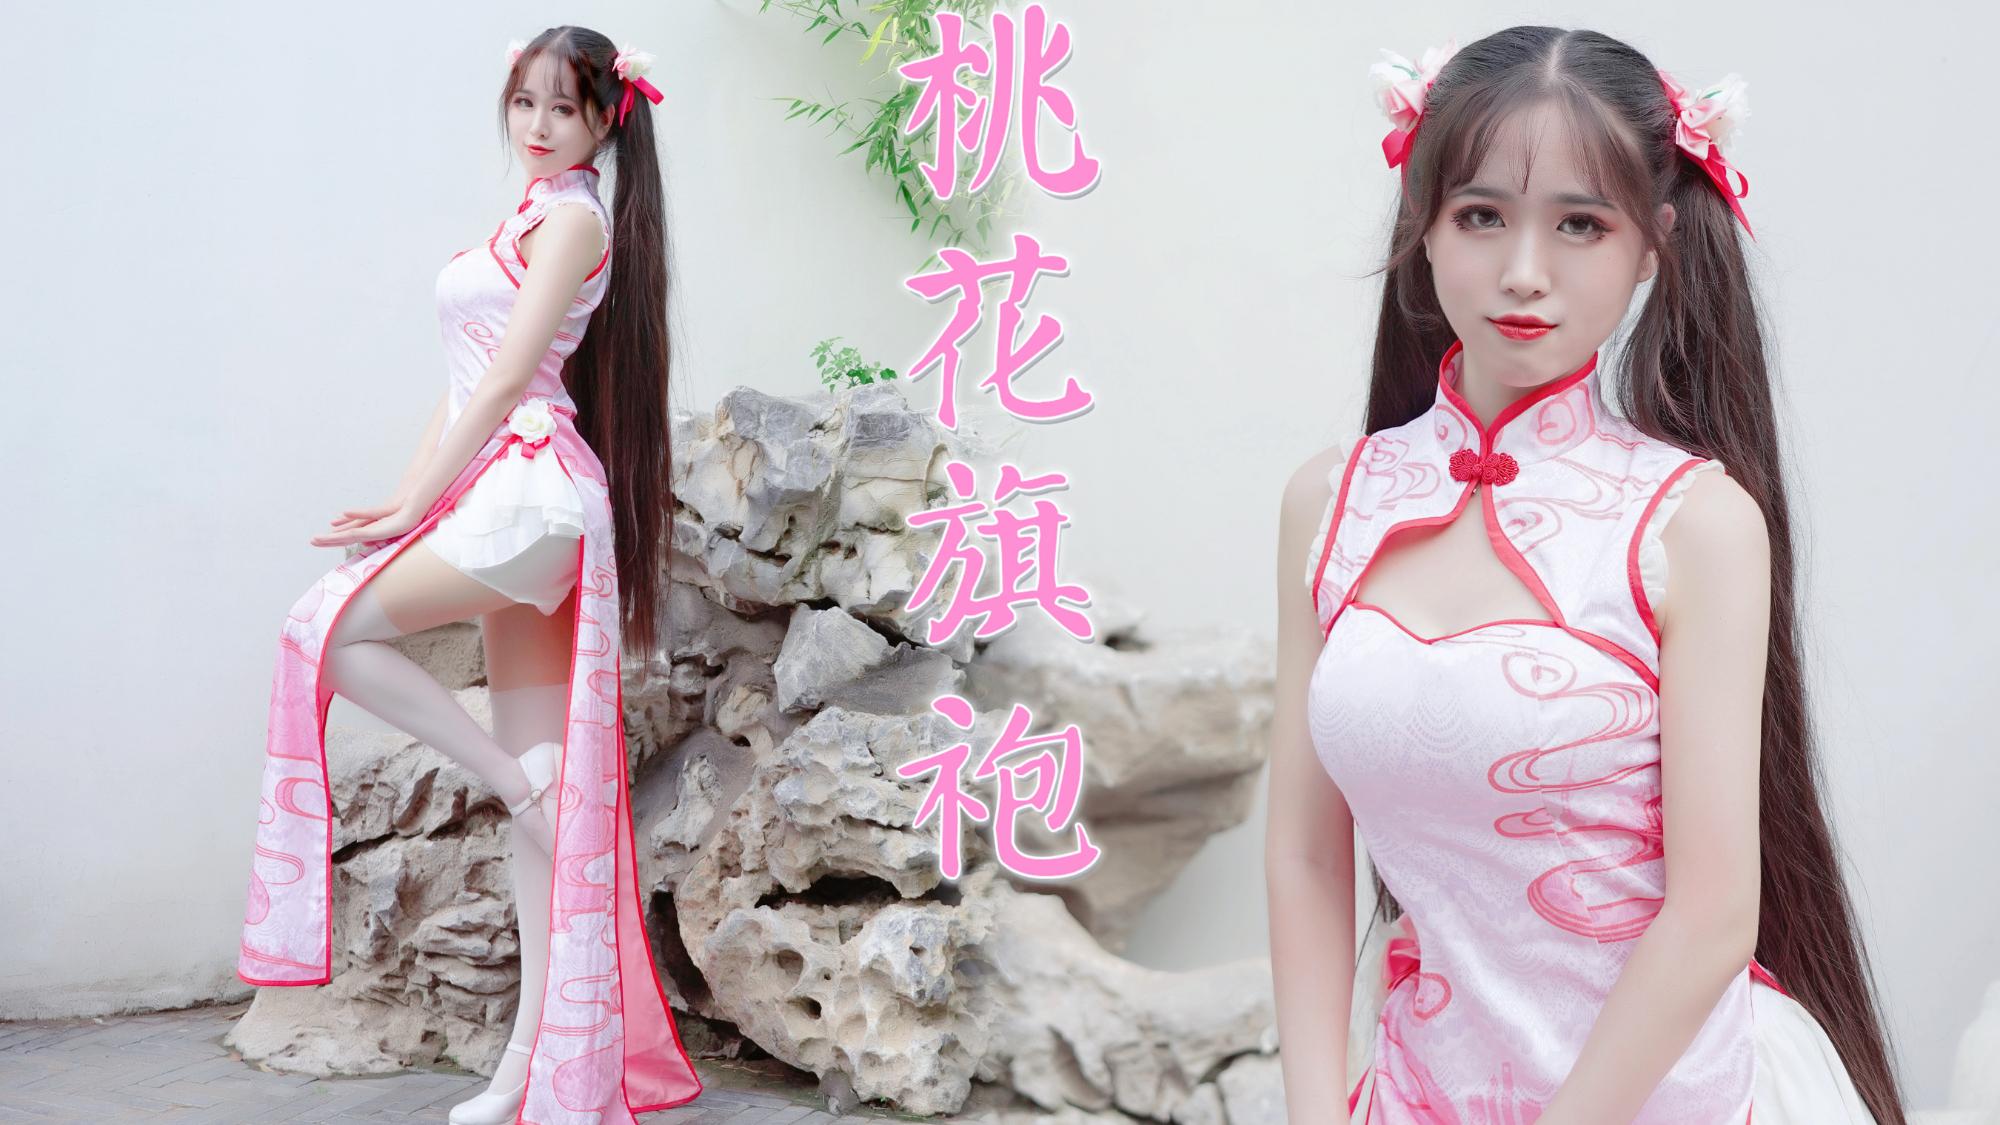 【郁小漓】竖屏更贴心❀桃花旗袍❀踮起脚尖心砰砰的跳